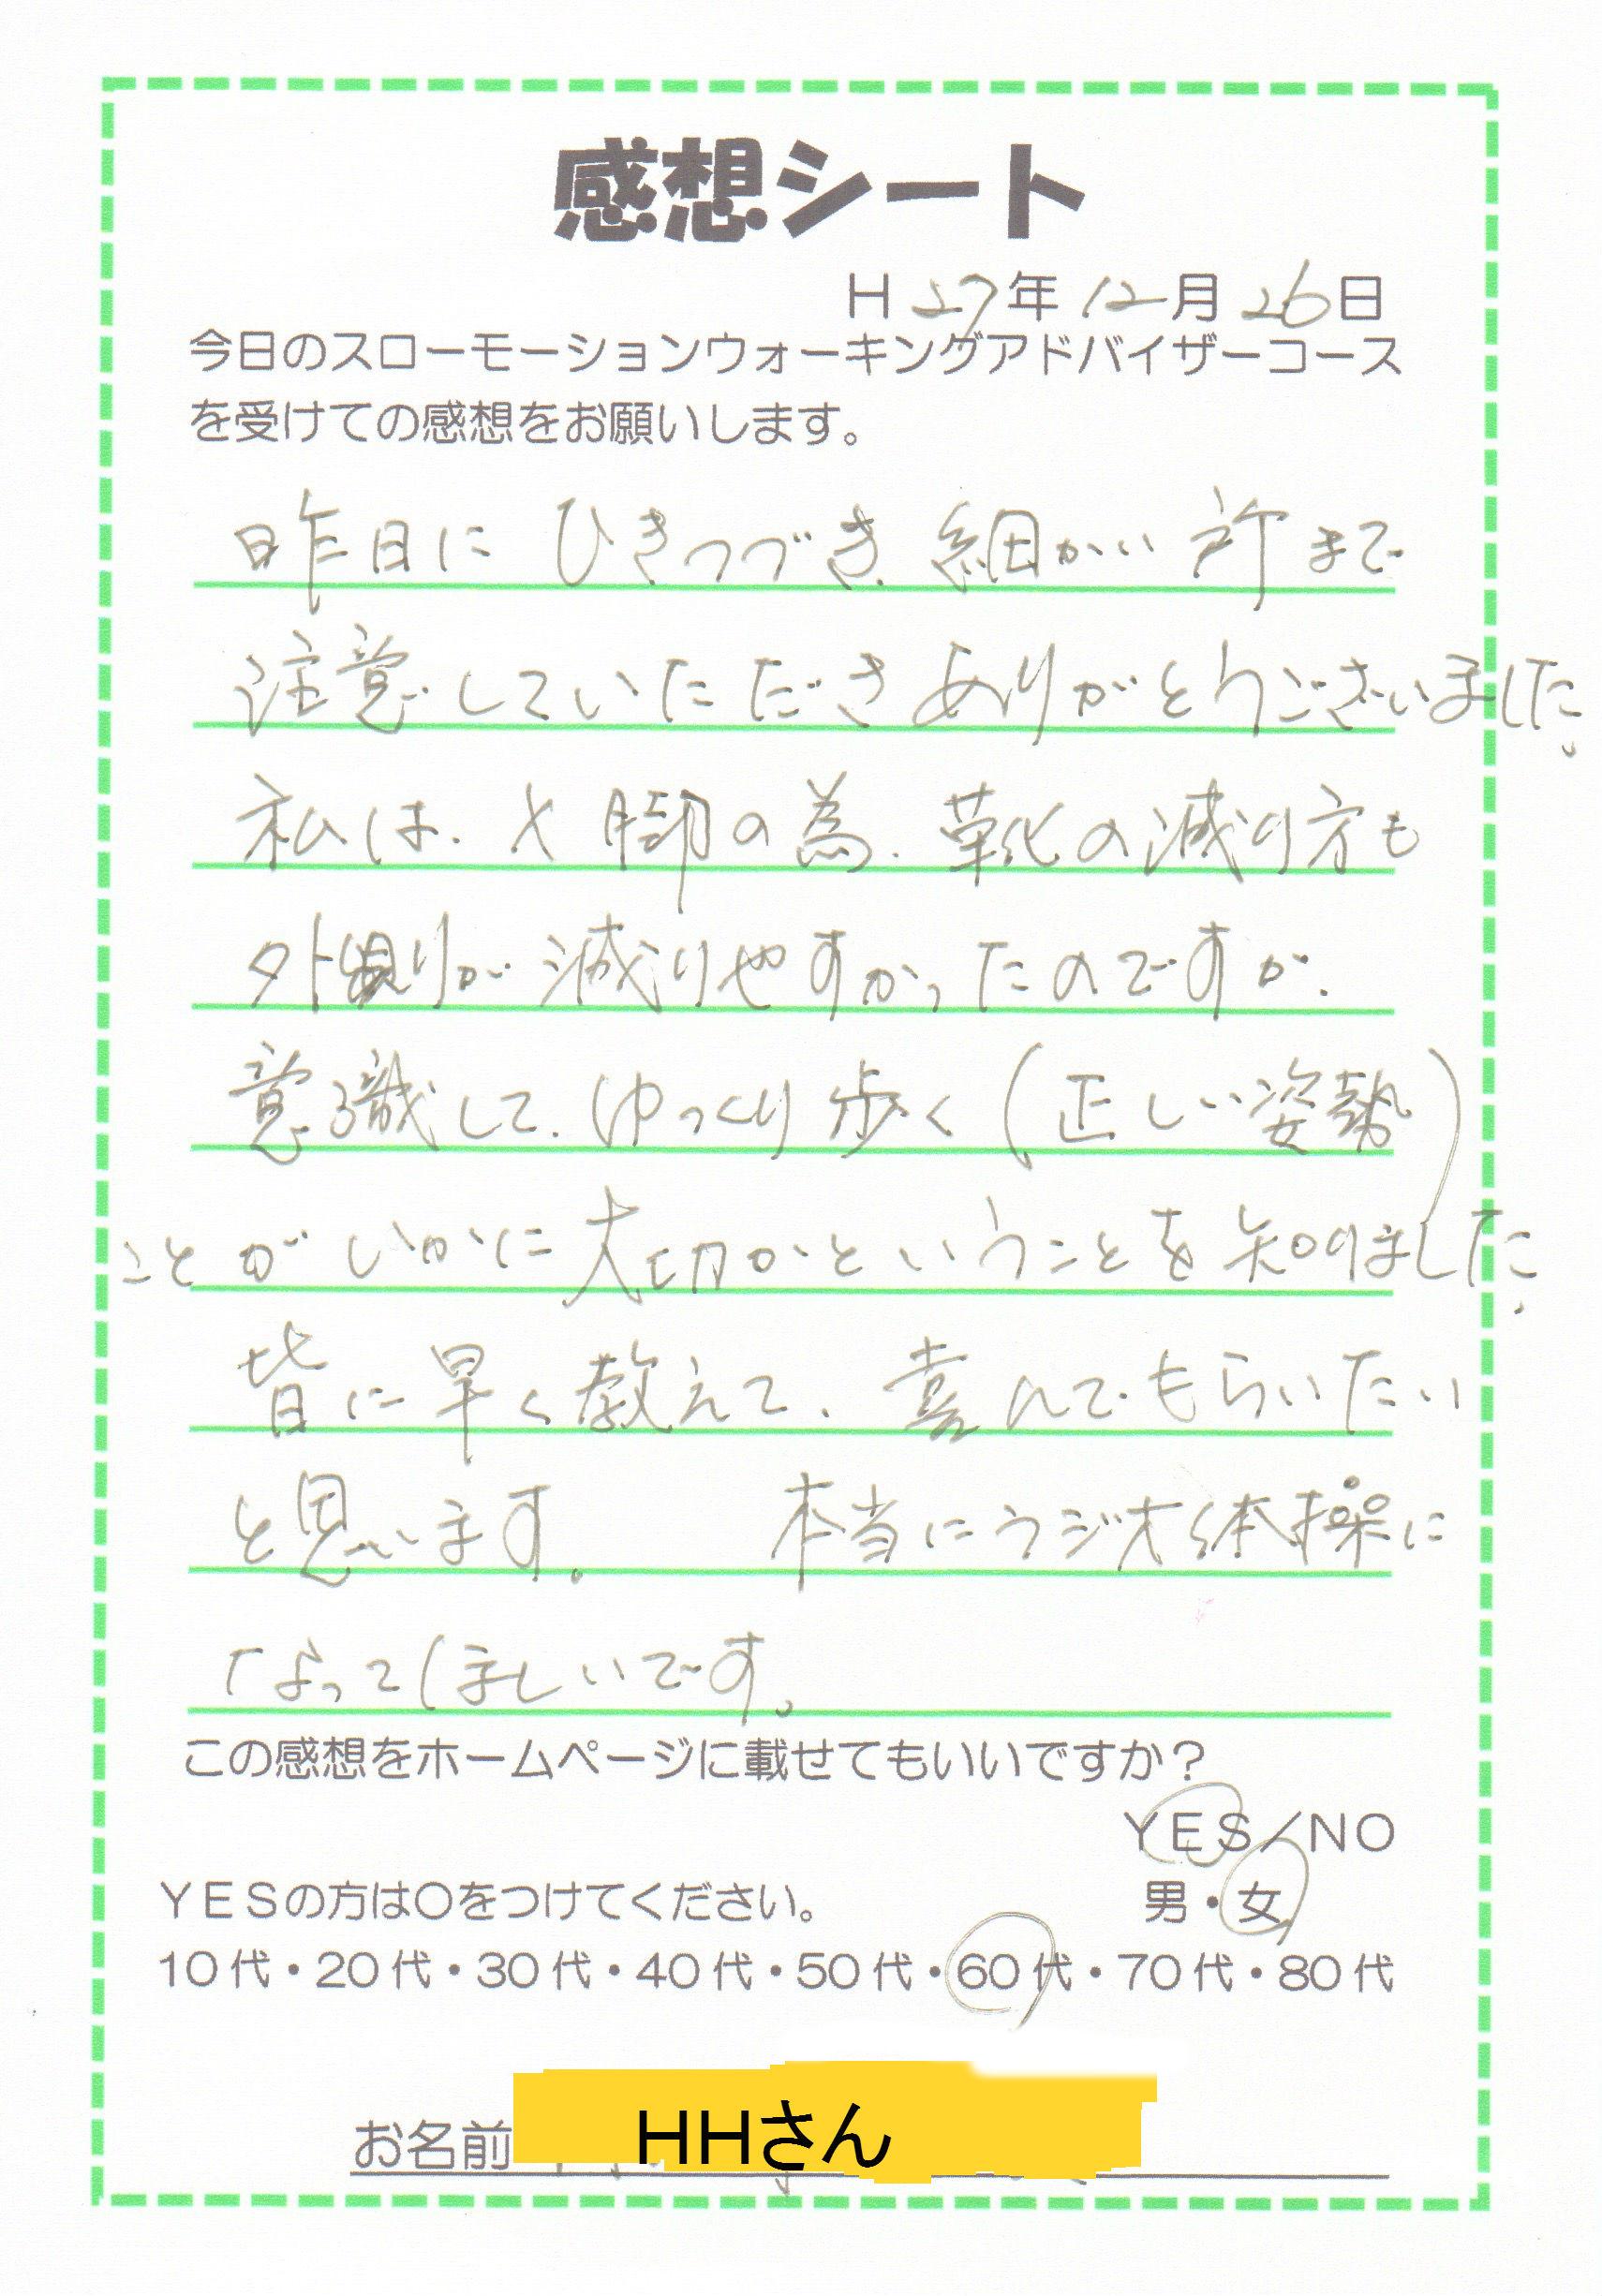 12月26日HHさん感想シート